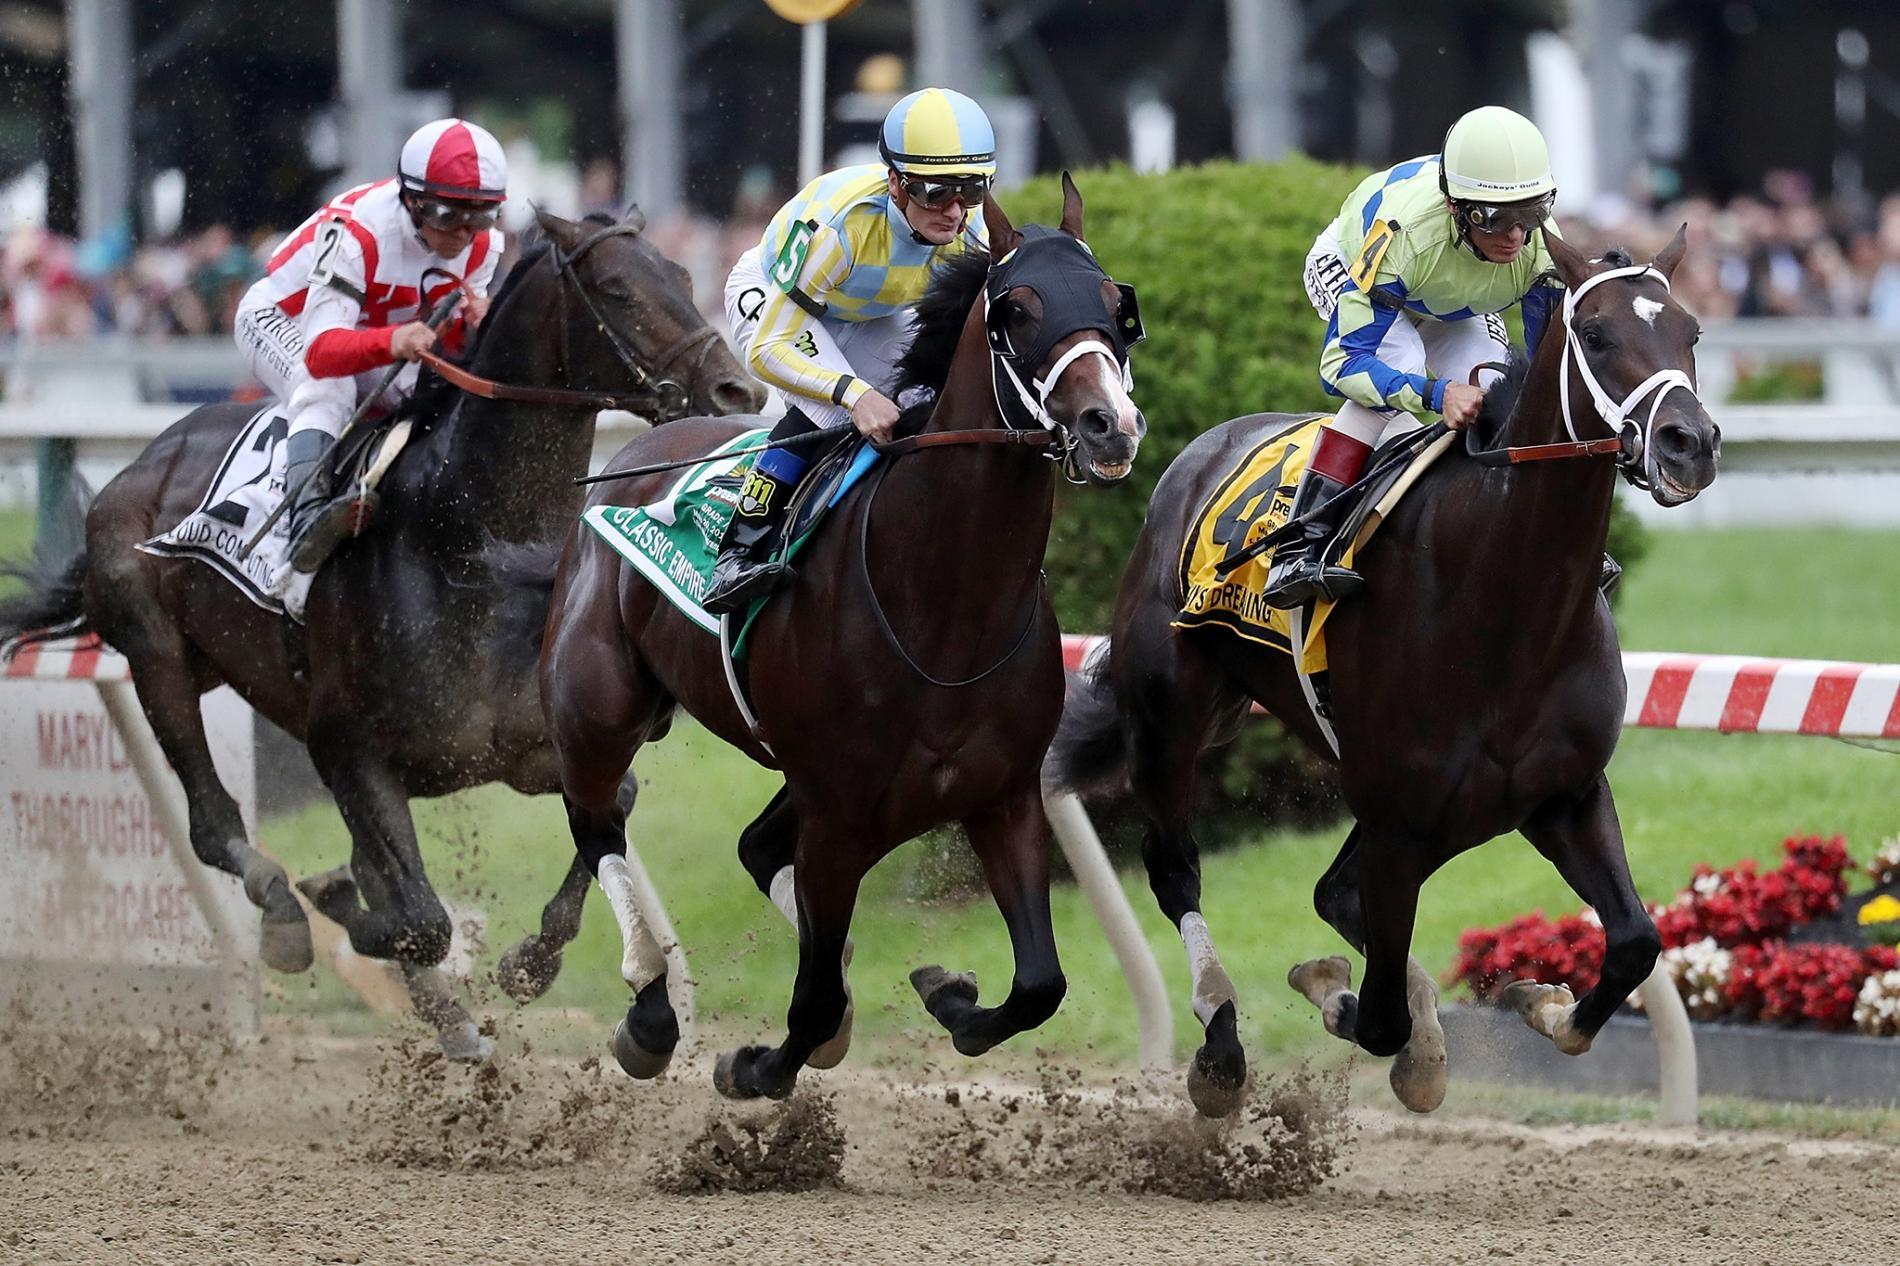 賽馬──像在照片裡看到的這些馬兒,正在馬里蘭州巴爾的摩(Baltimore, Maryland)2017年的普里克尼斯賽馬(Preakness Stakes)中進行比賽。牠們常常因四肢受傷而死亡。PHOTOGRAPH BY ROB CARR, GETTY